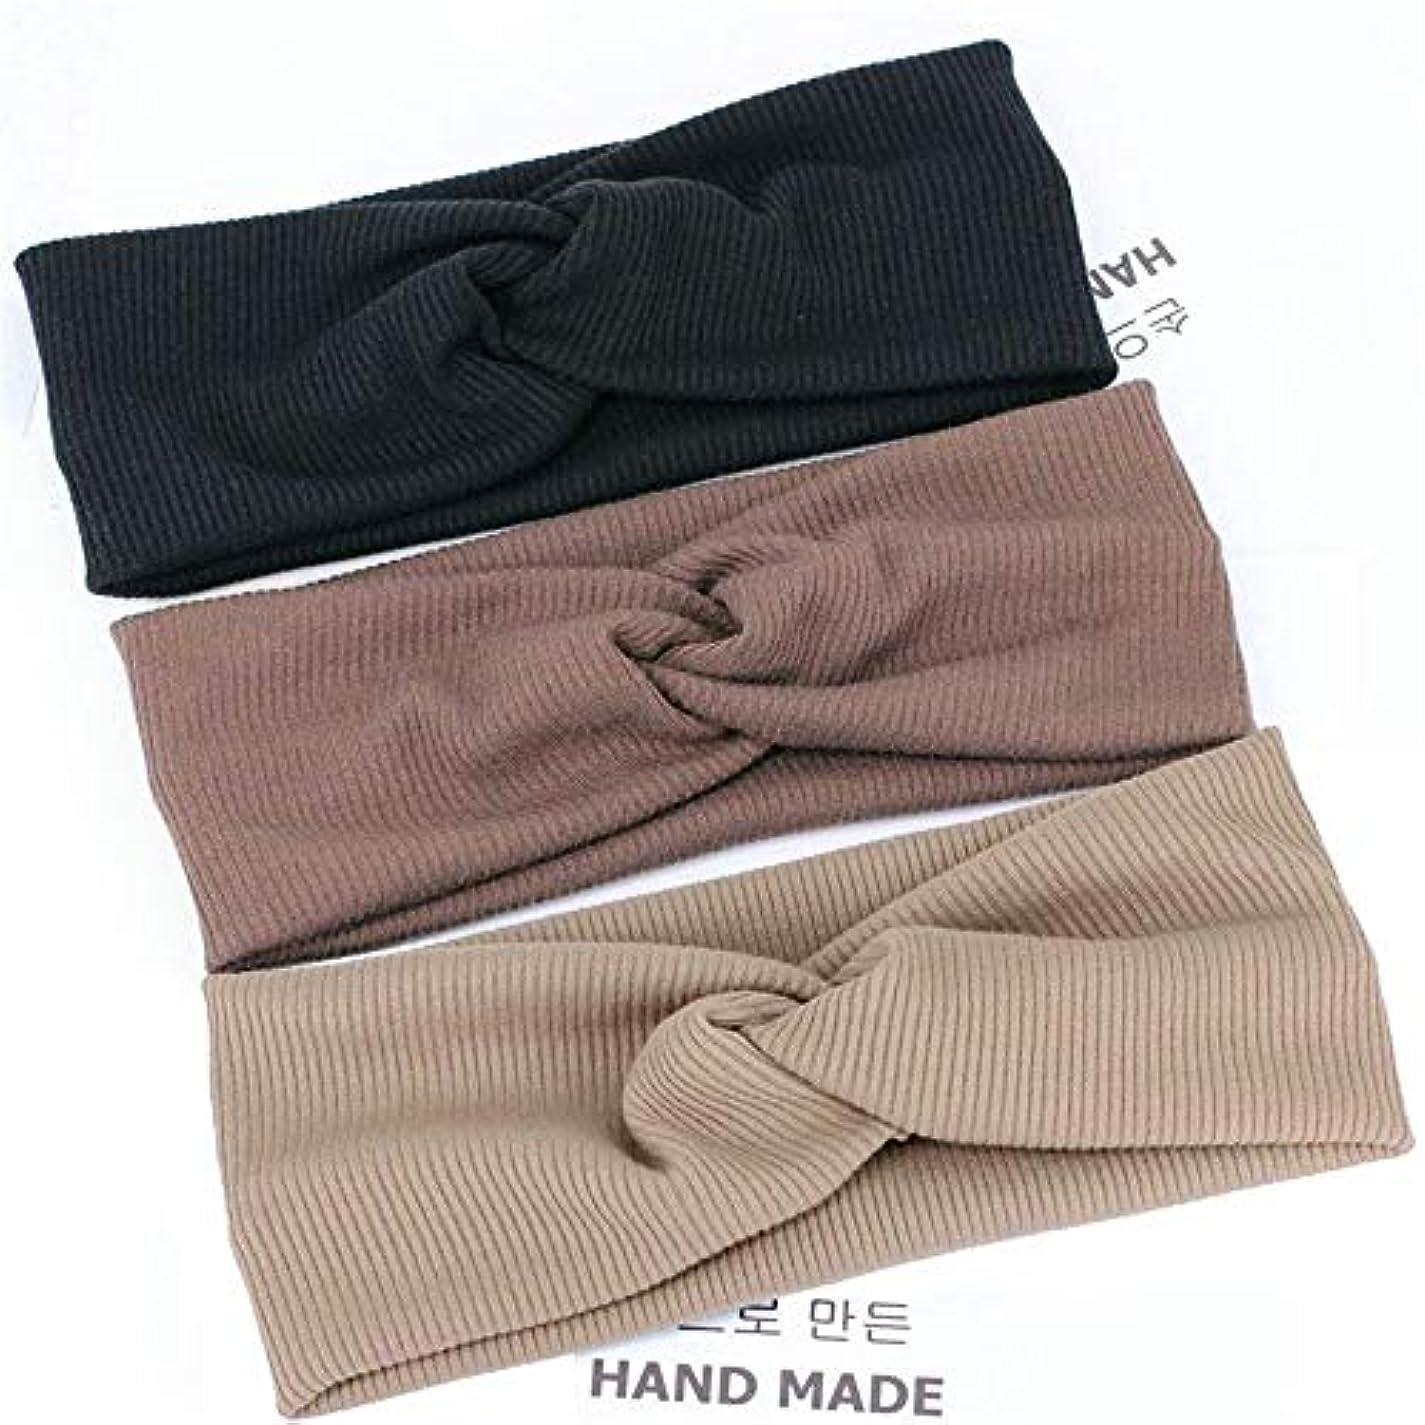 Madholly 3色セット シンプルヘアバンド ヘアターバン カチューシャ 髪饰り お風呂/ヨガ/洗顔用に (ブラック&ベージュ&コーヒー色)